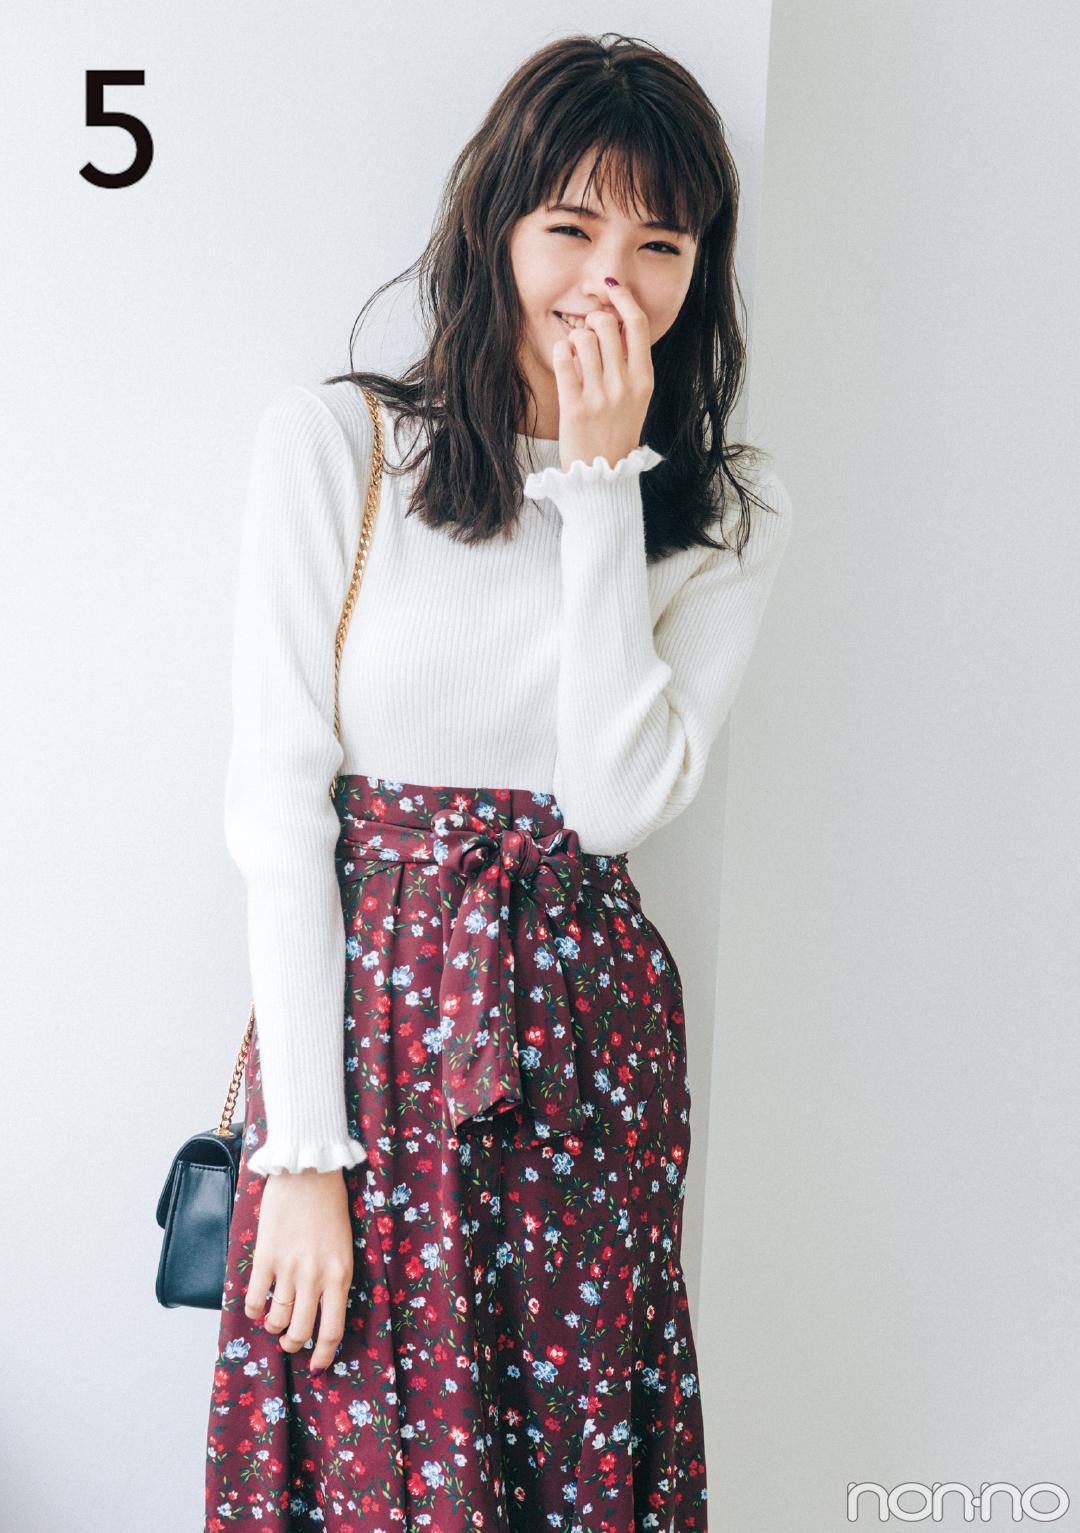 白のプチハイニットを10倍可愛く着る方法って?【2018秋冬ニットコーデ】_1_2-5